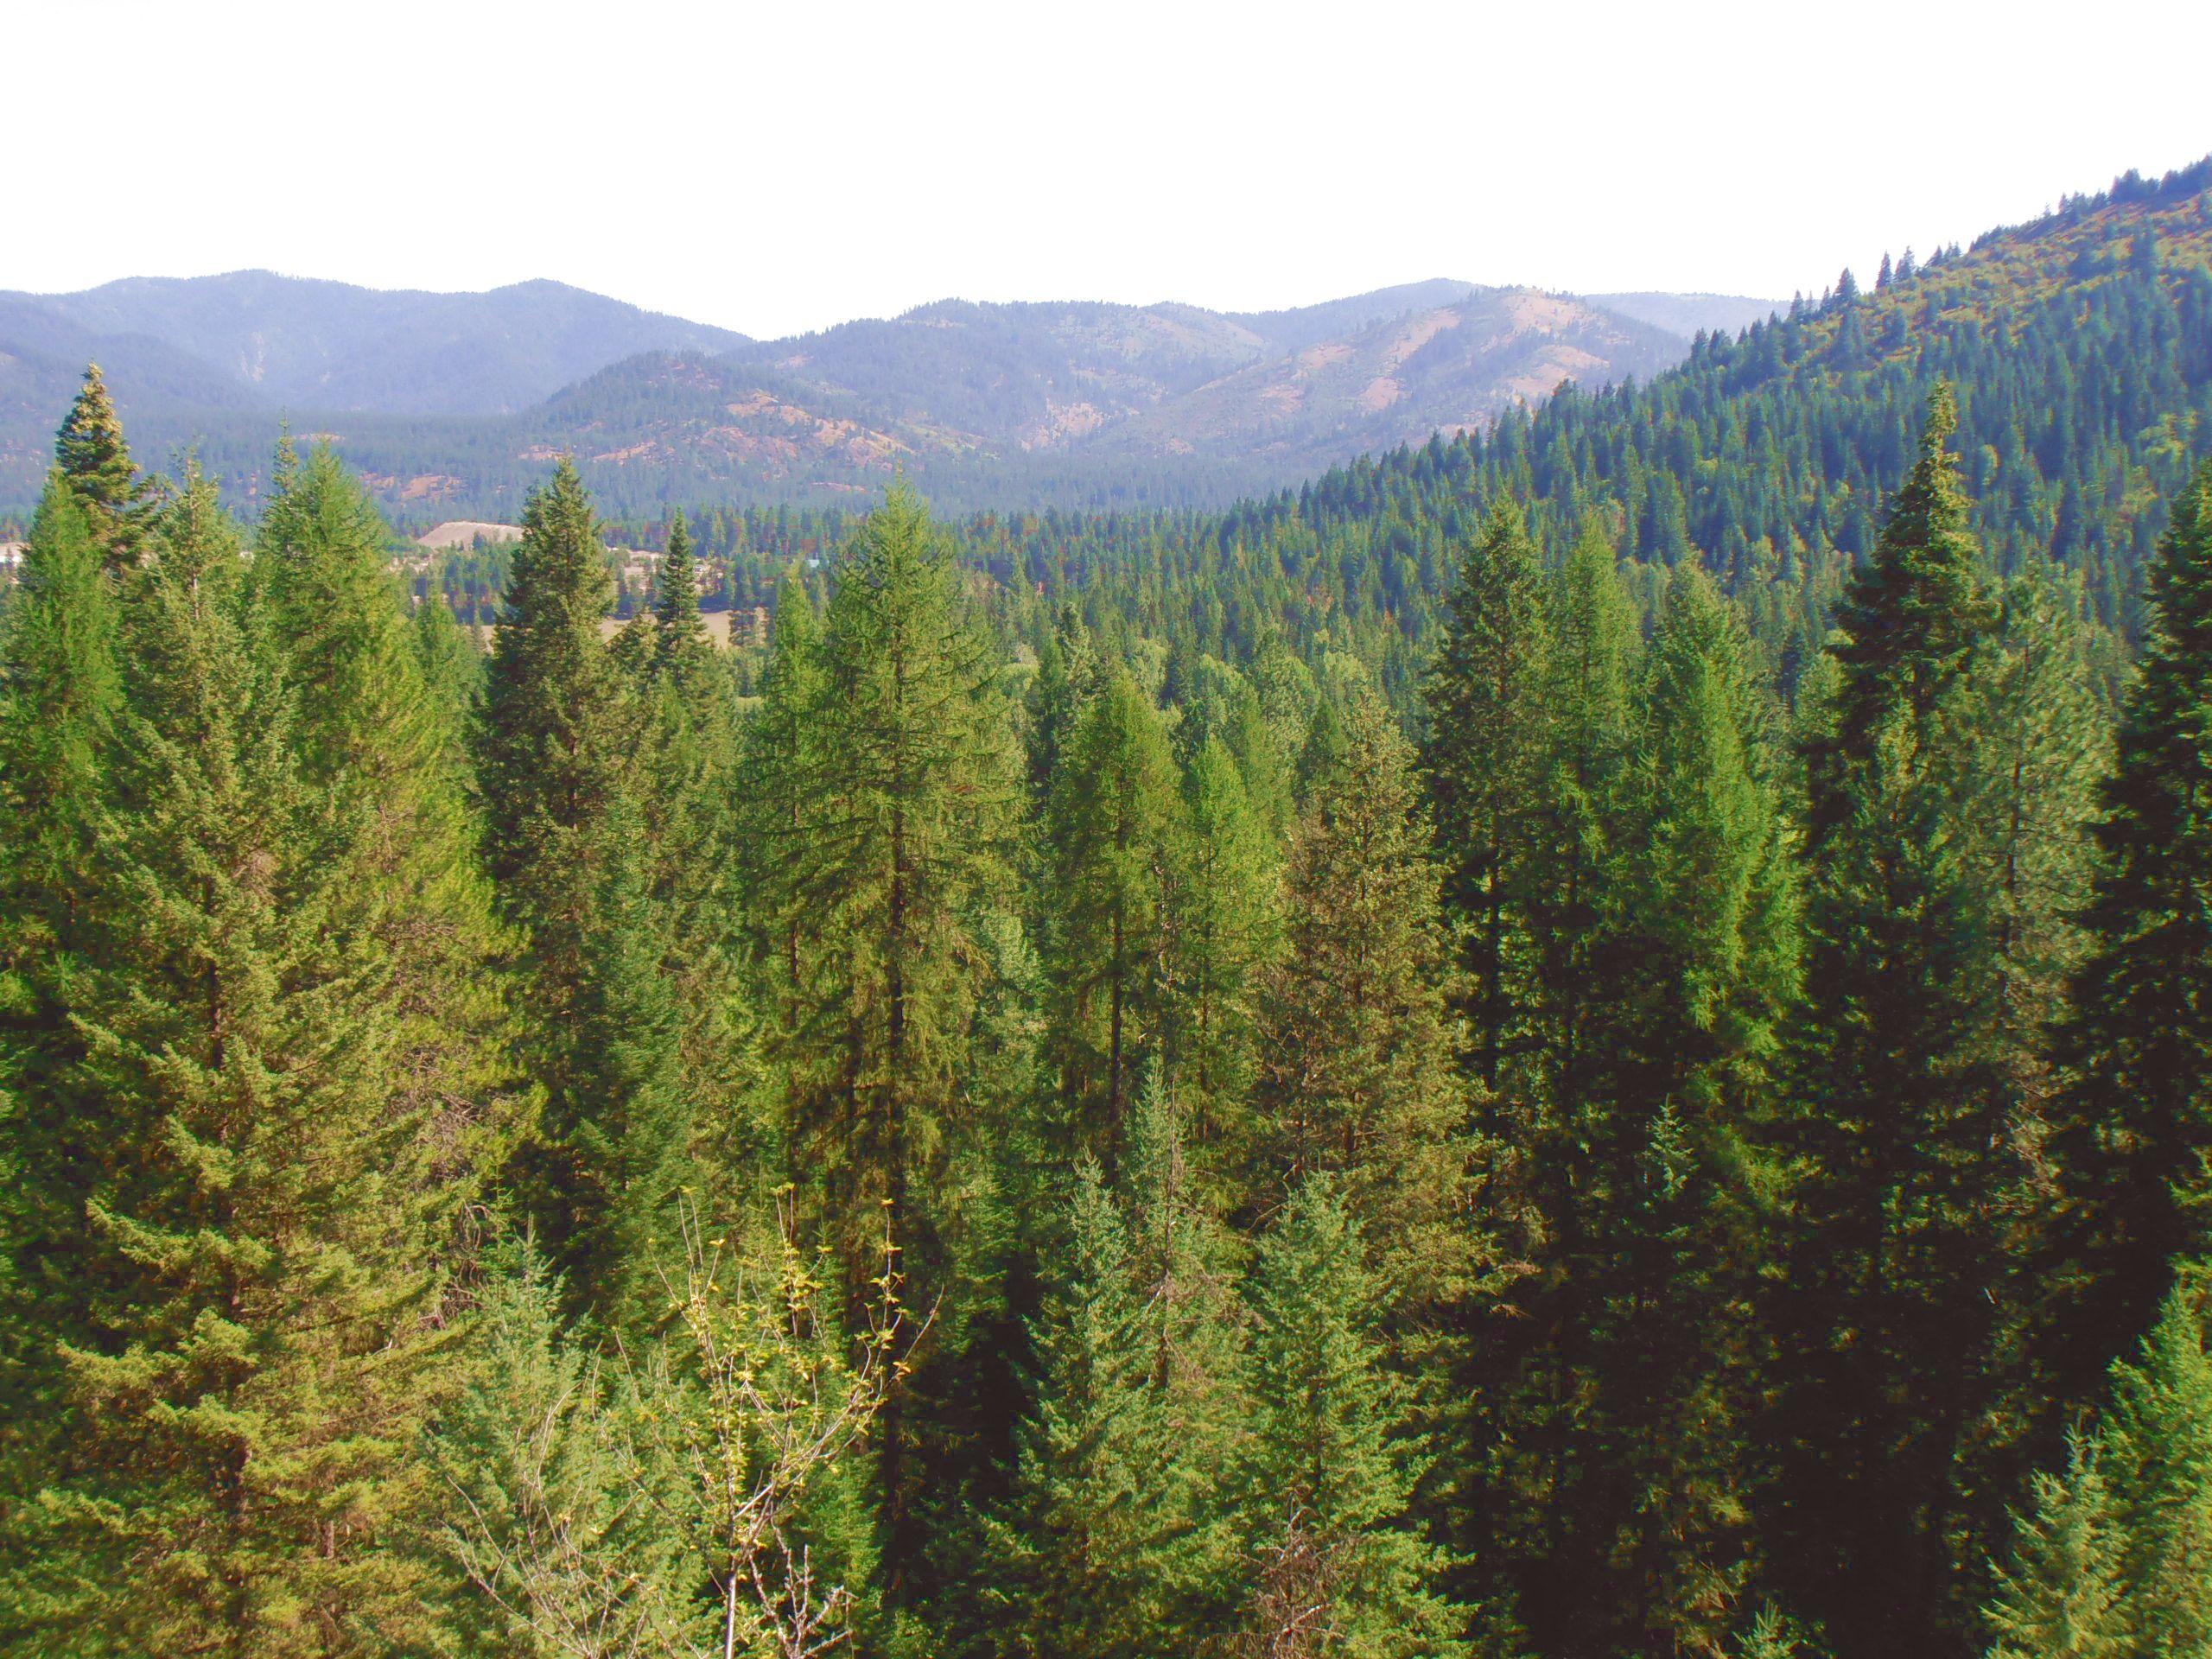 Pend Oreille County Washington landscape